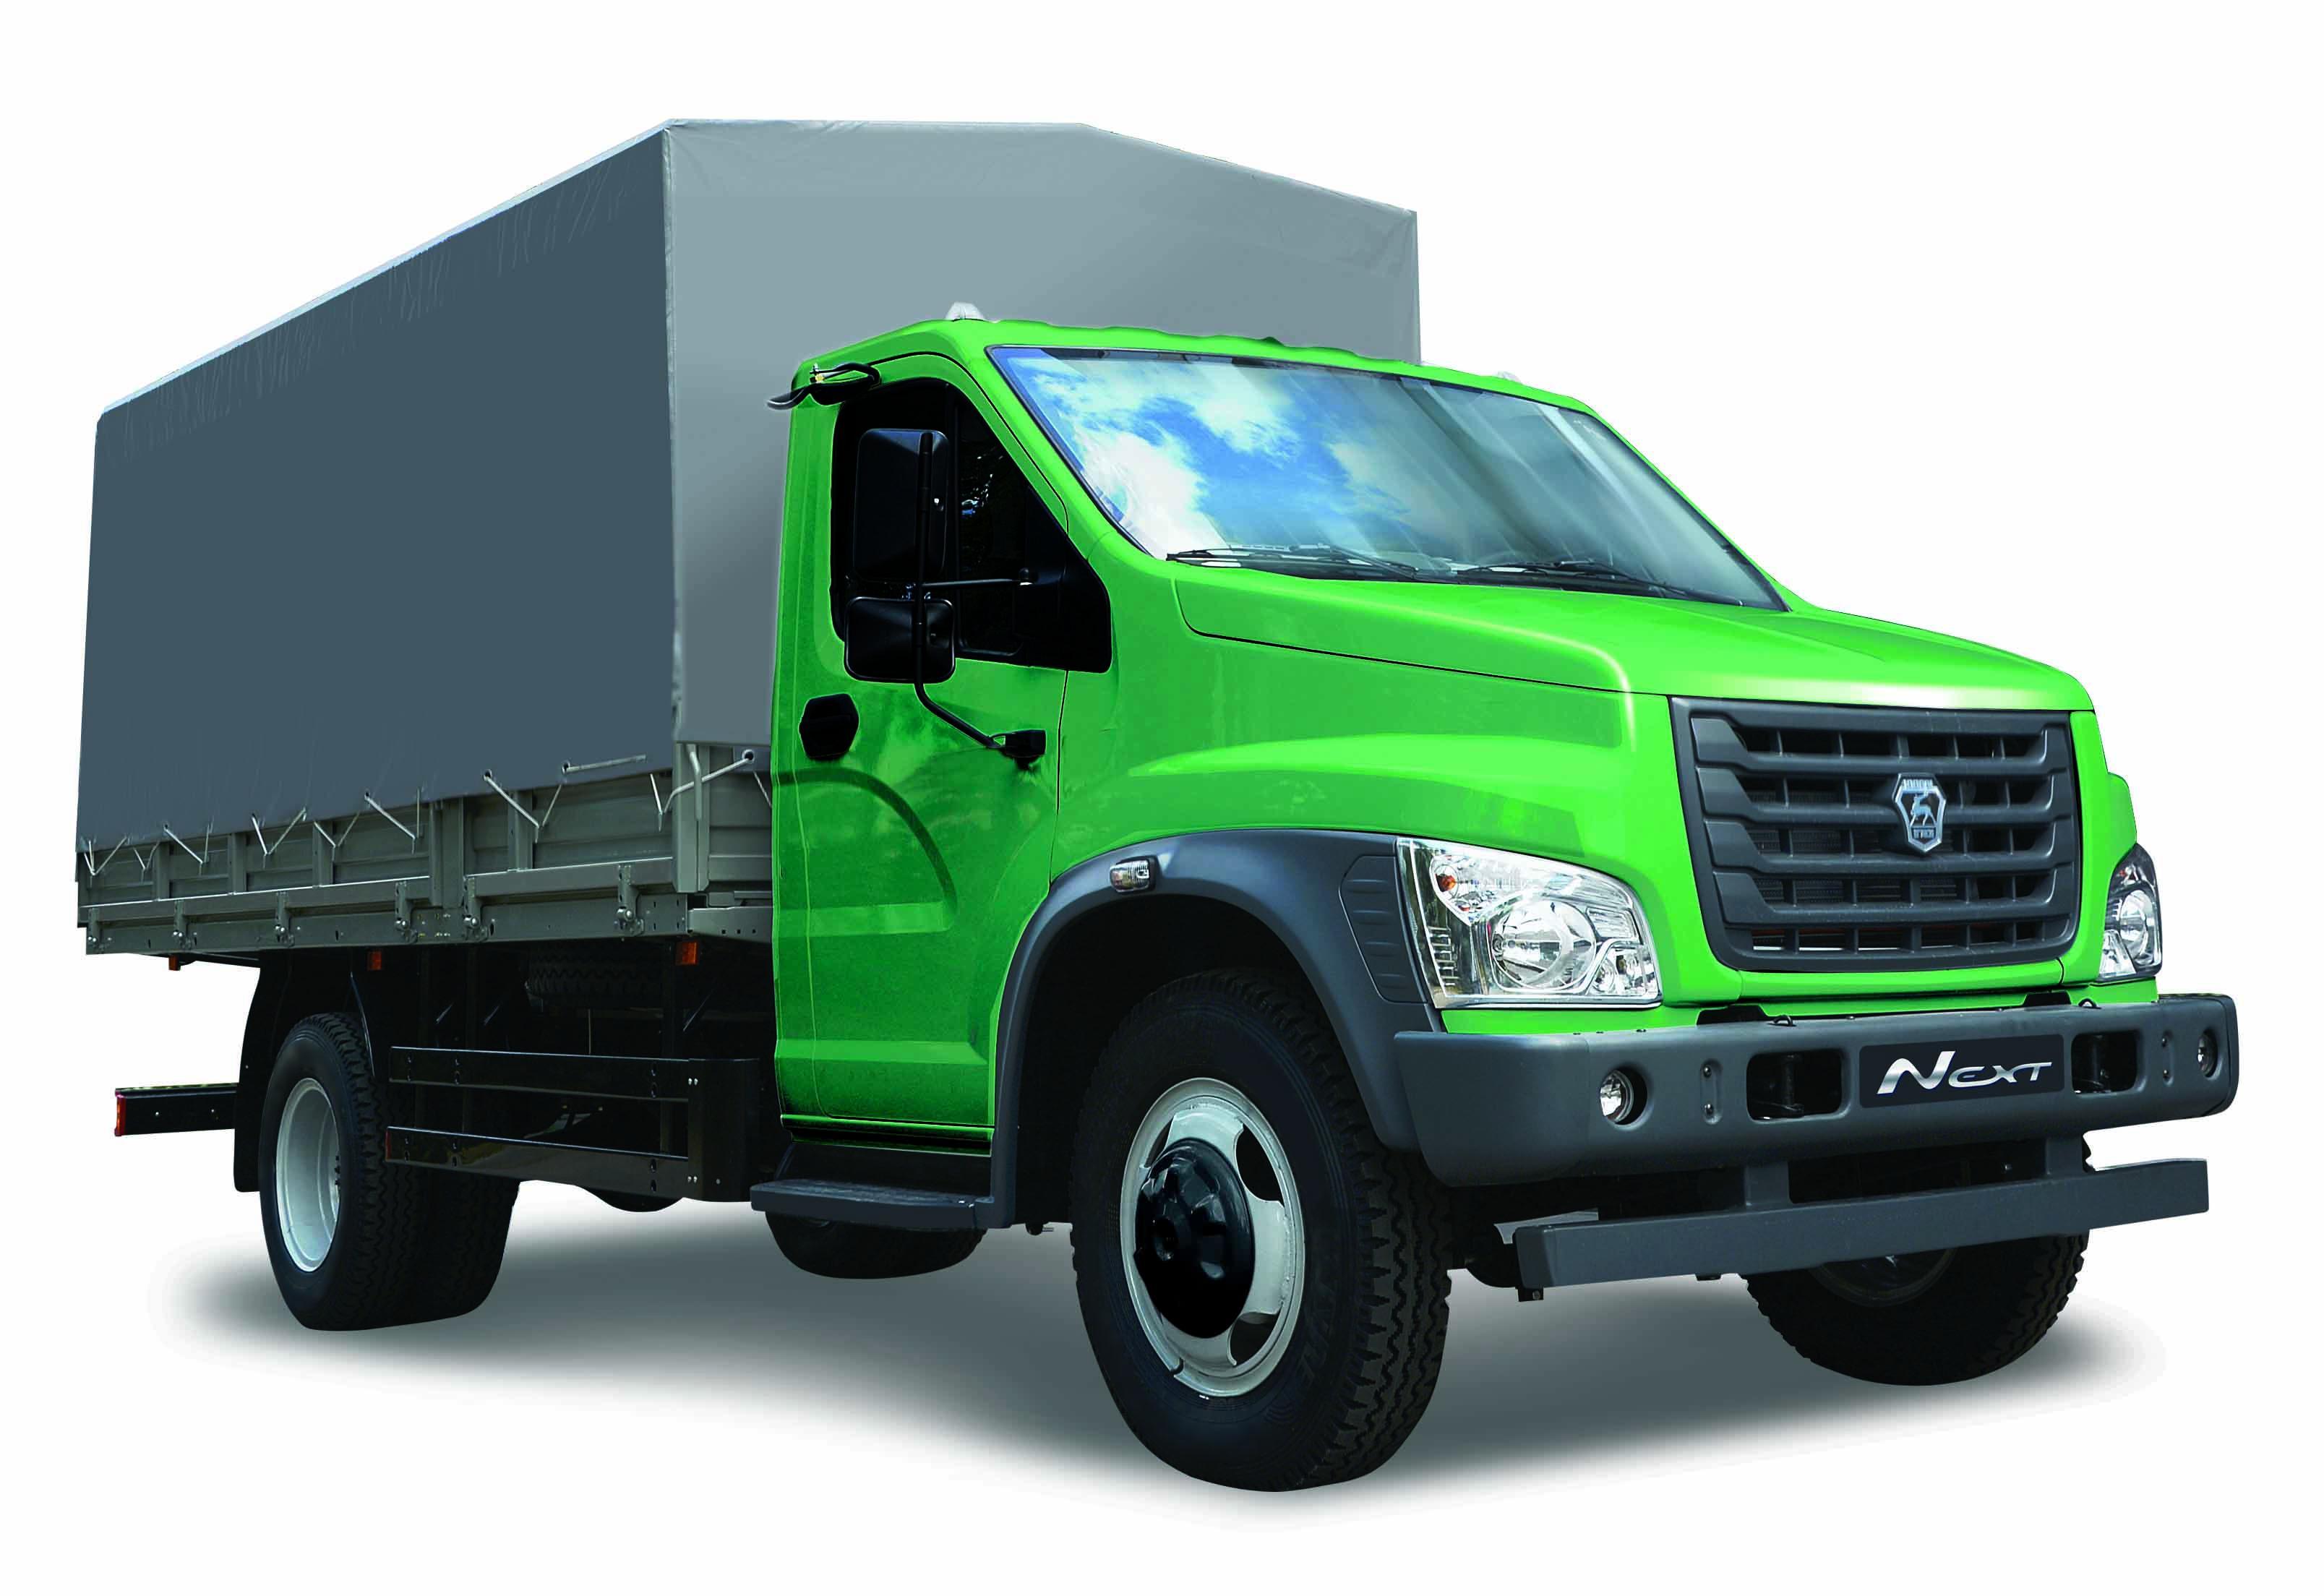 почему-то картинки грузовиков газ скрылся